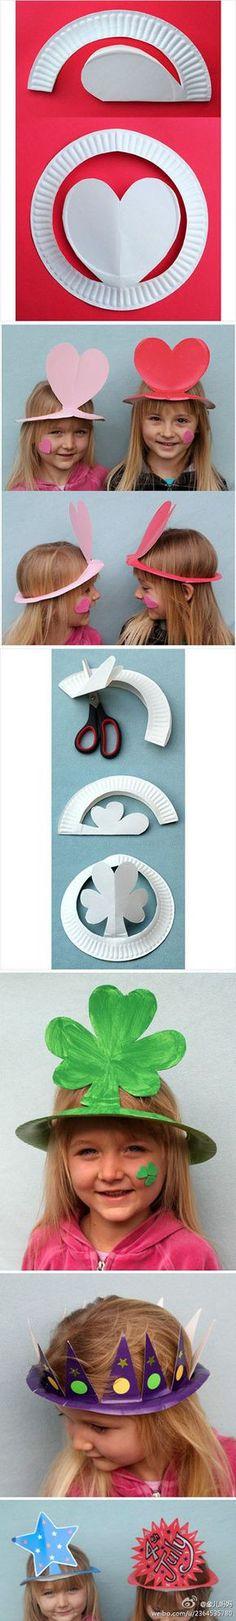 Diy cute paper plate hats | DIY & Crafts Tutorials